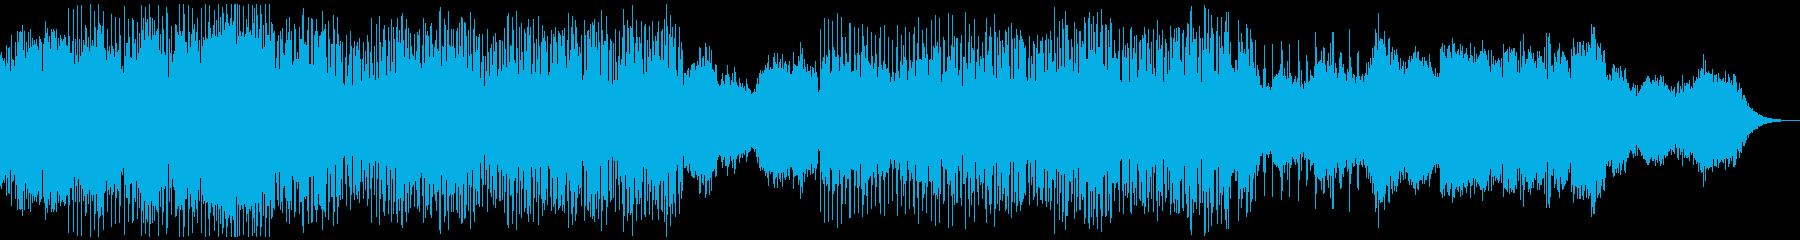 神秘的な雰囲気のアンビエントテクノの再生済みの波形